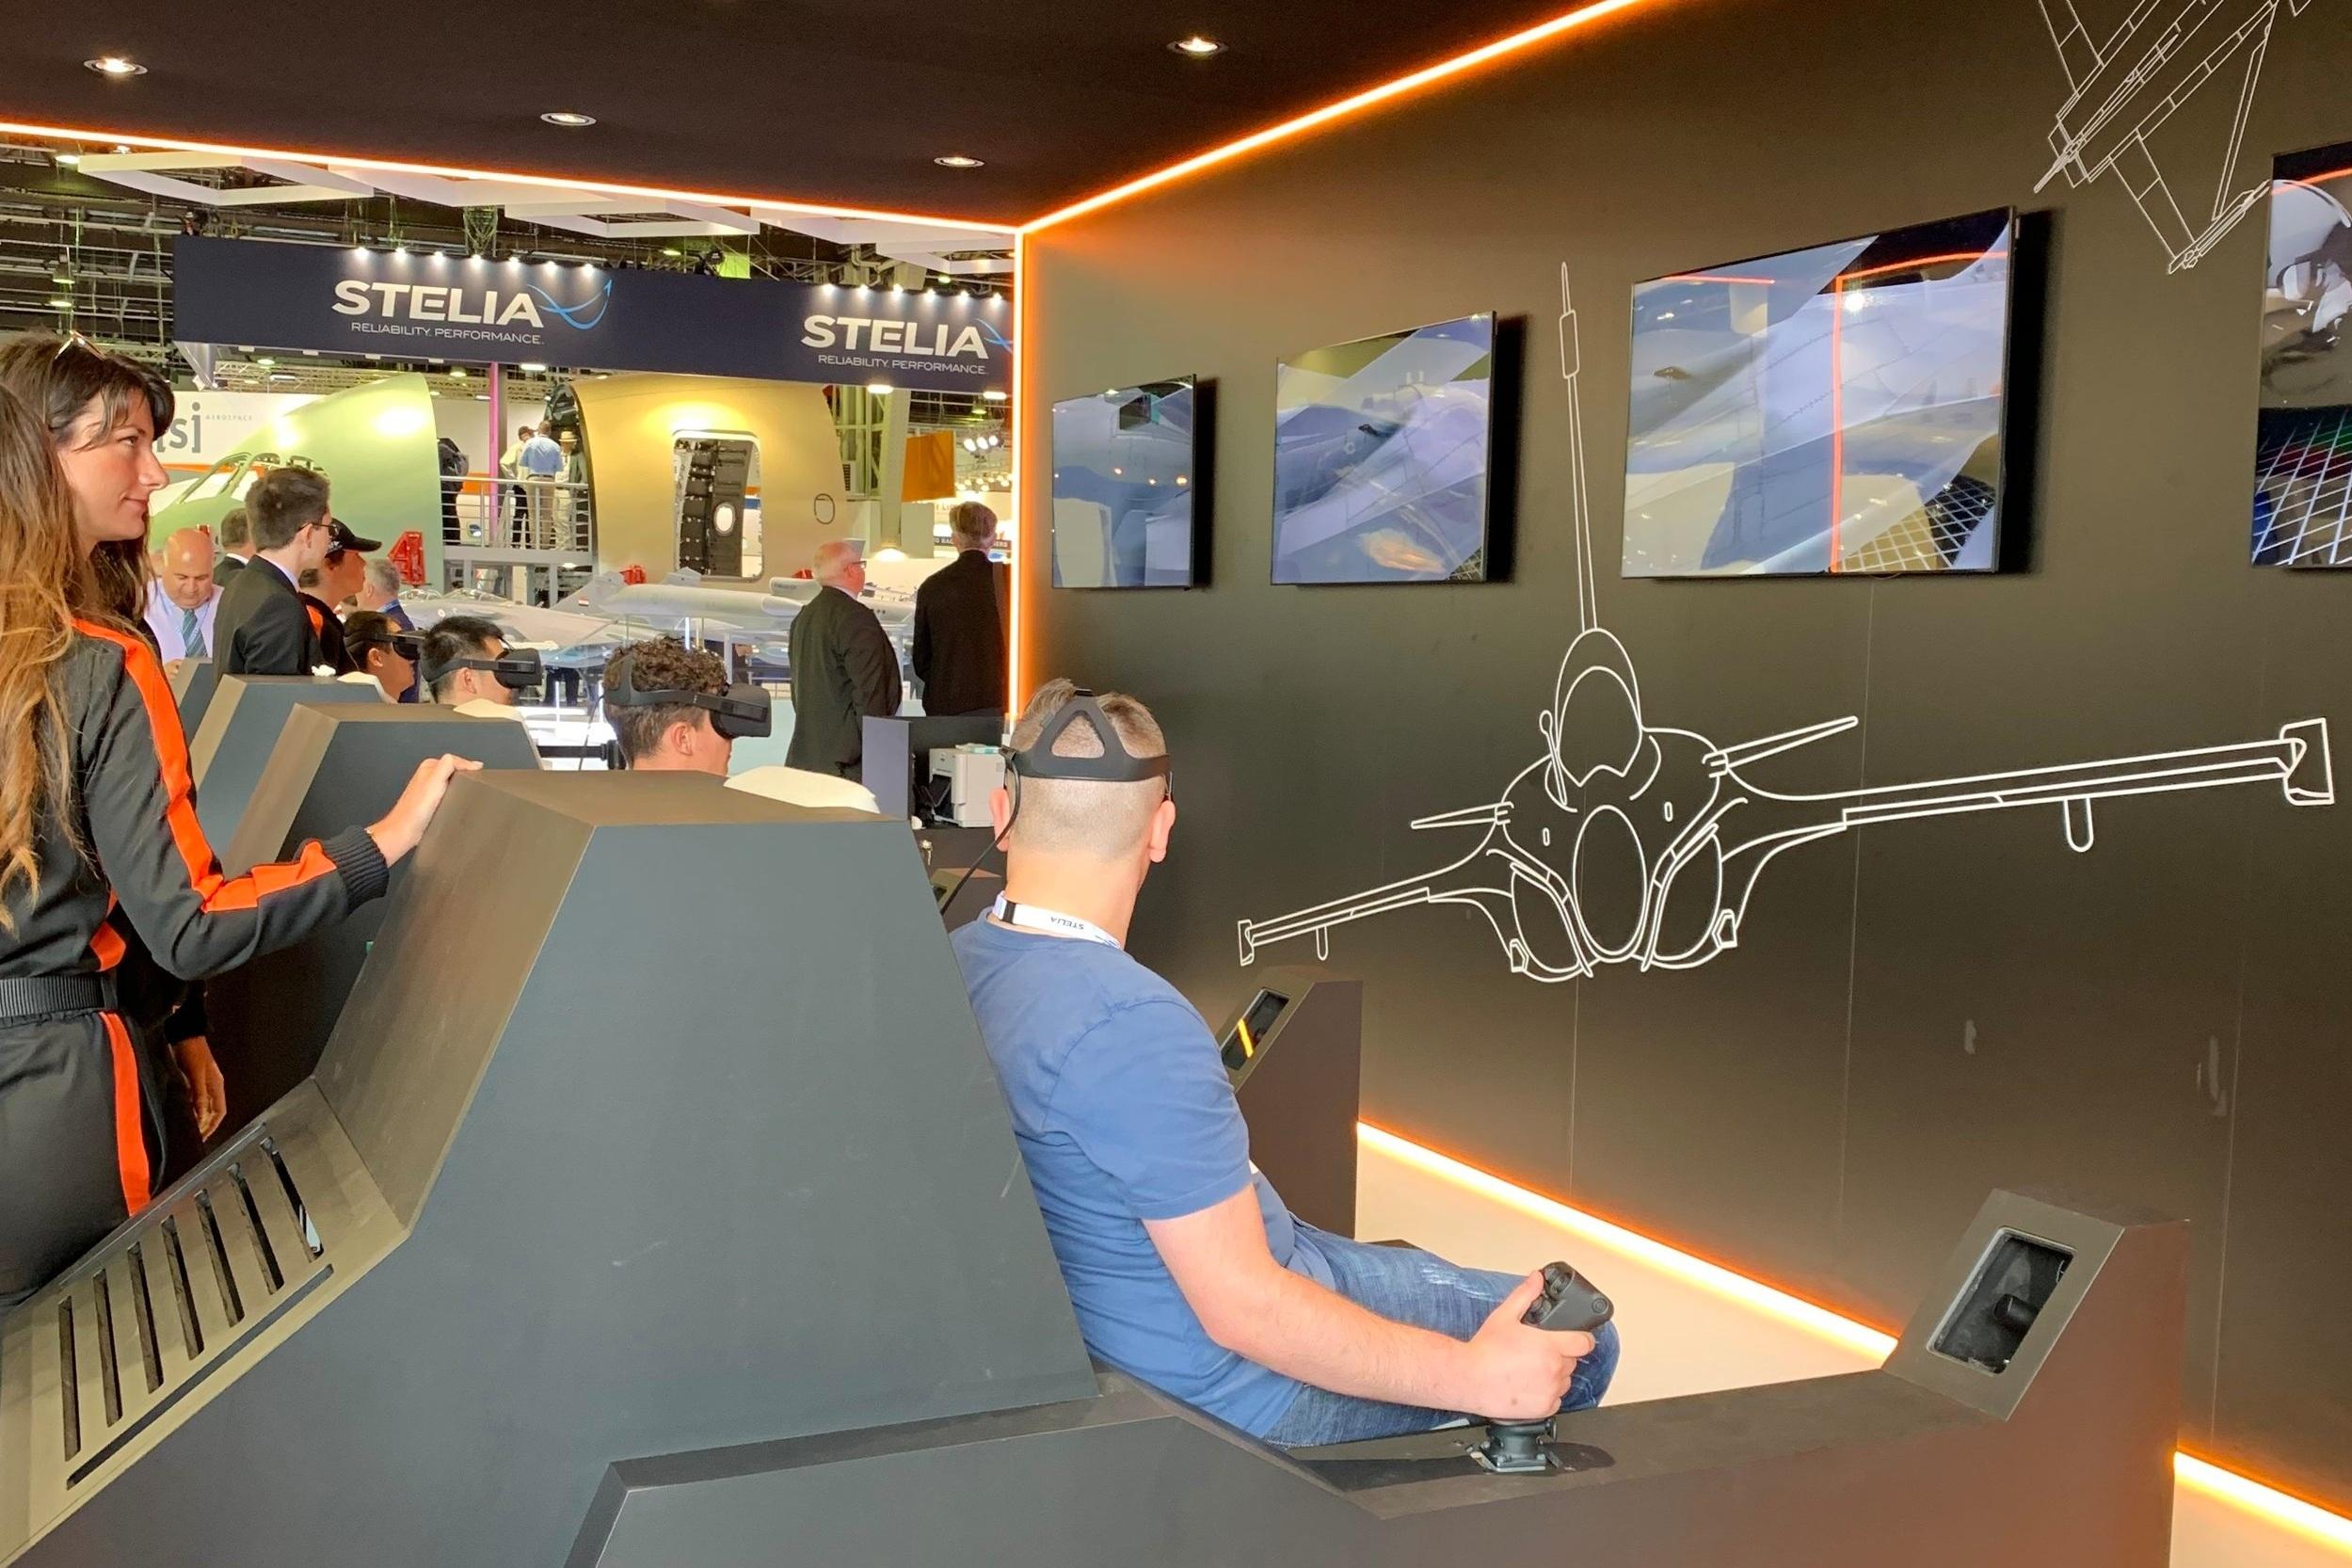 VR installationhe chance to pilot a Dassault Rafale Fighter